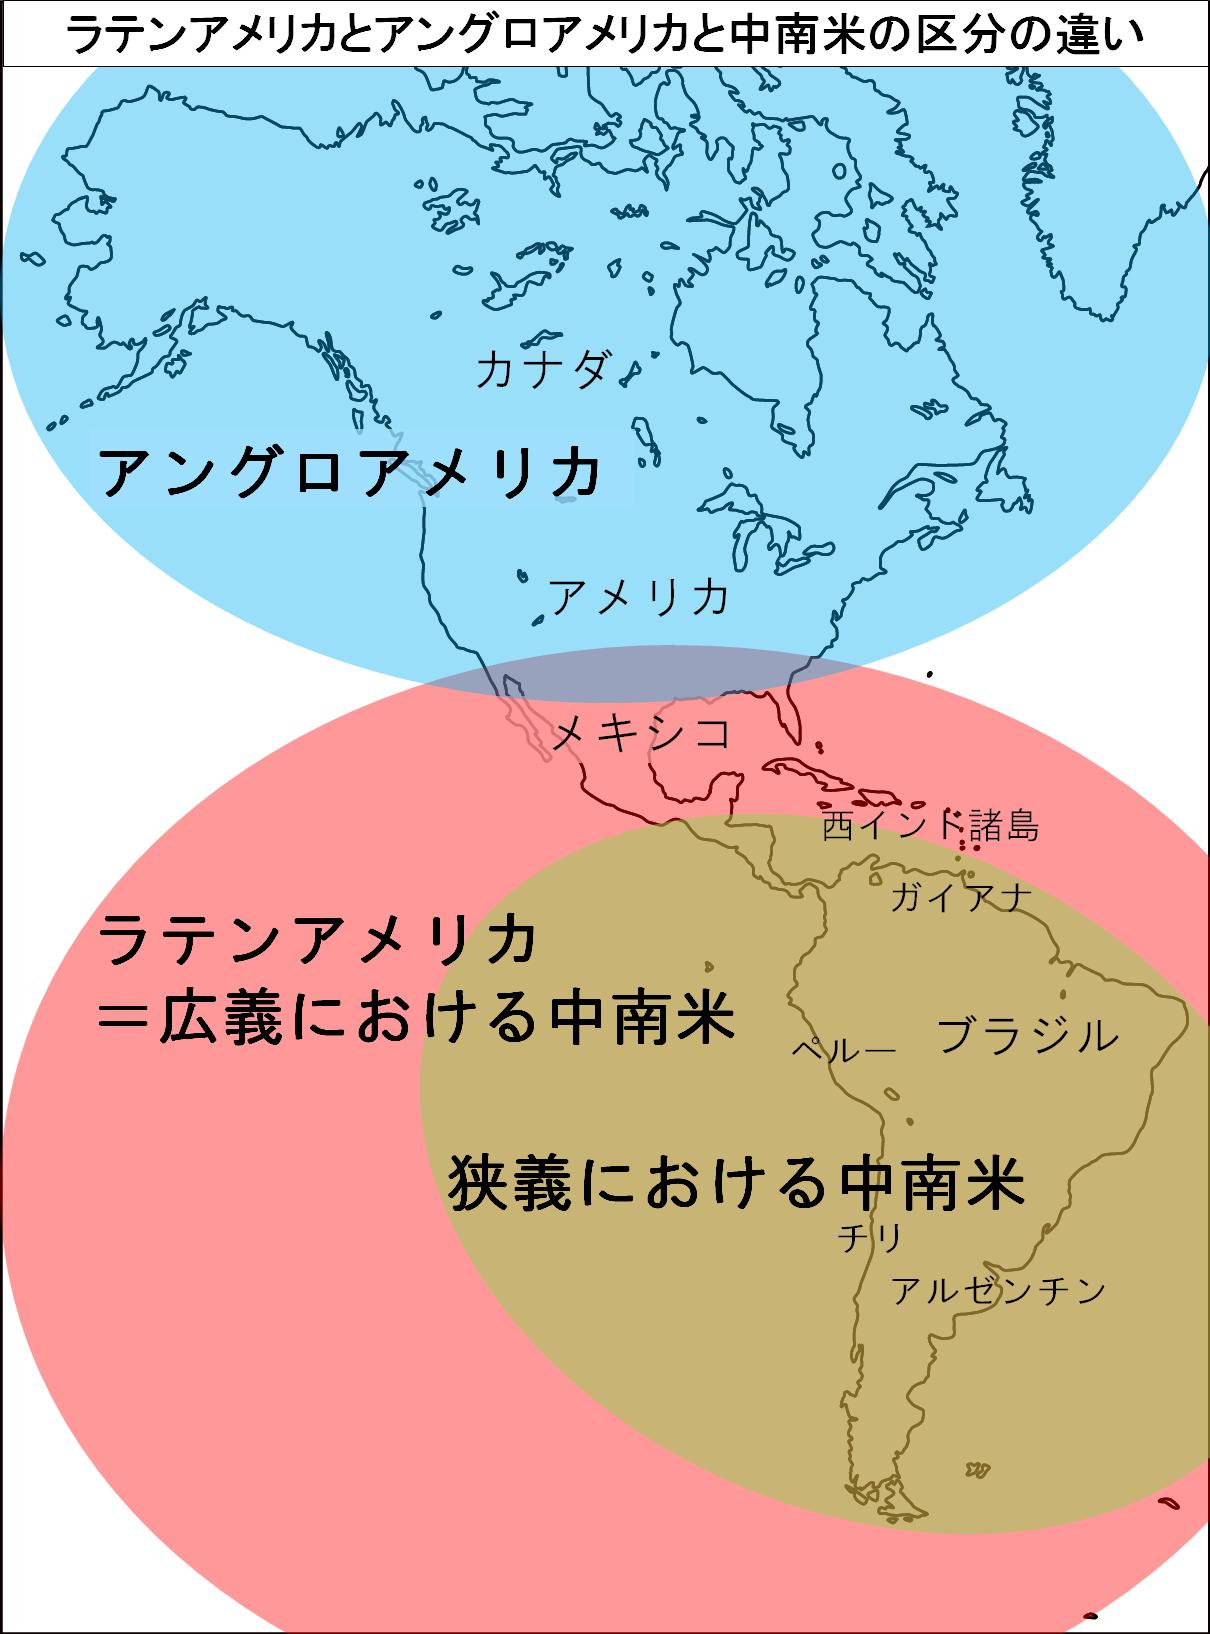 ラテンアメリカと中南米の違いとは?地理的区分と言語圏に基づく文化的区分と慣用表現